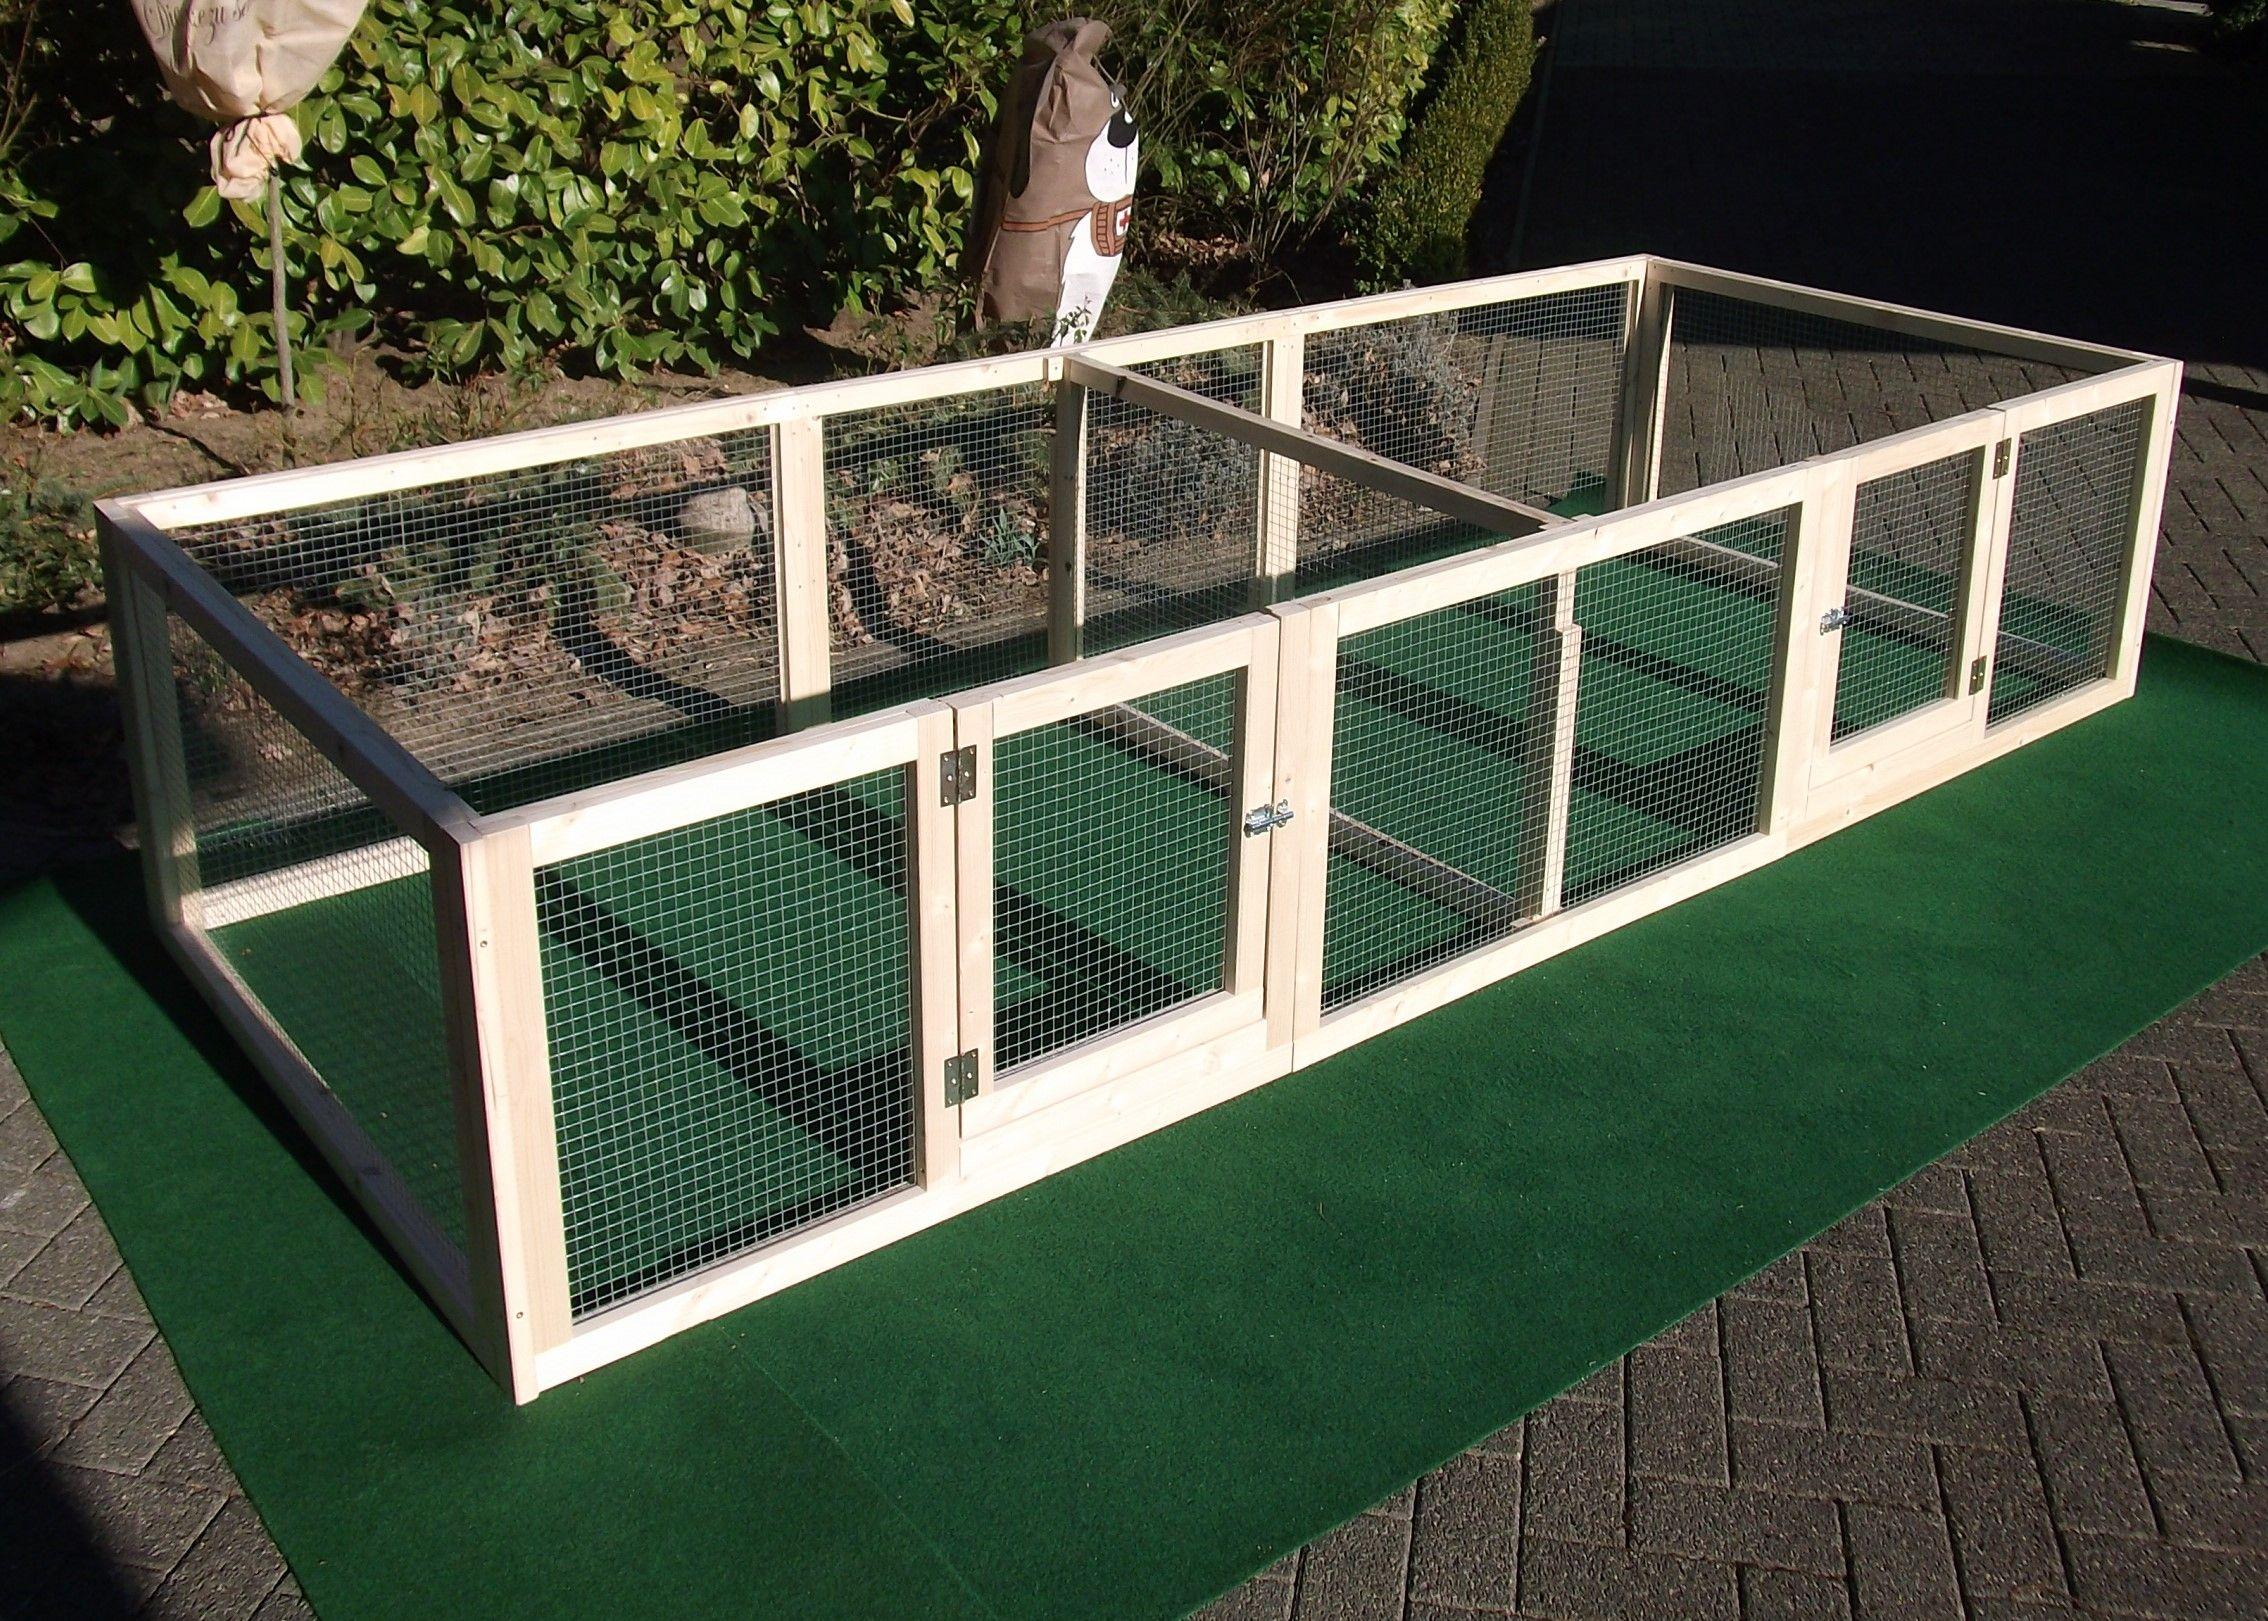 Hohe 60 Cm Mit Trennwand 2 Turen Kaninchengehege Aussenmobel